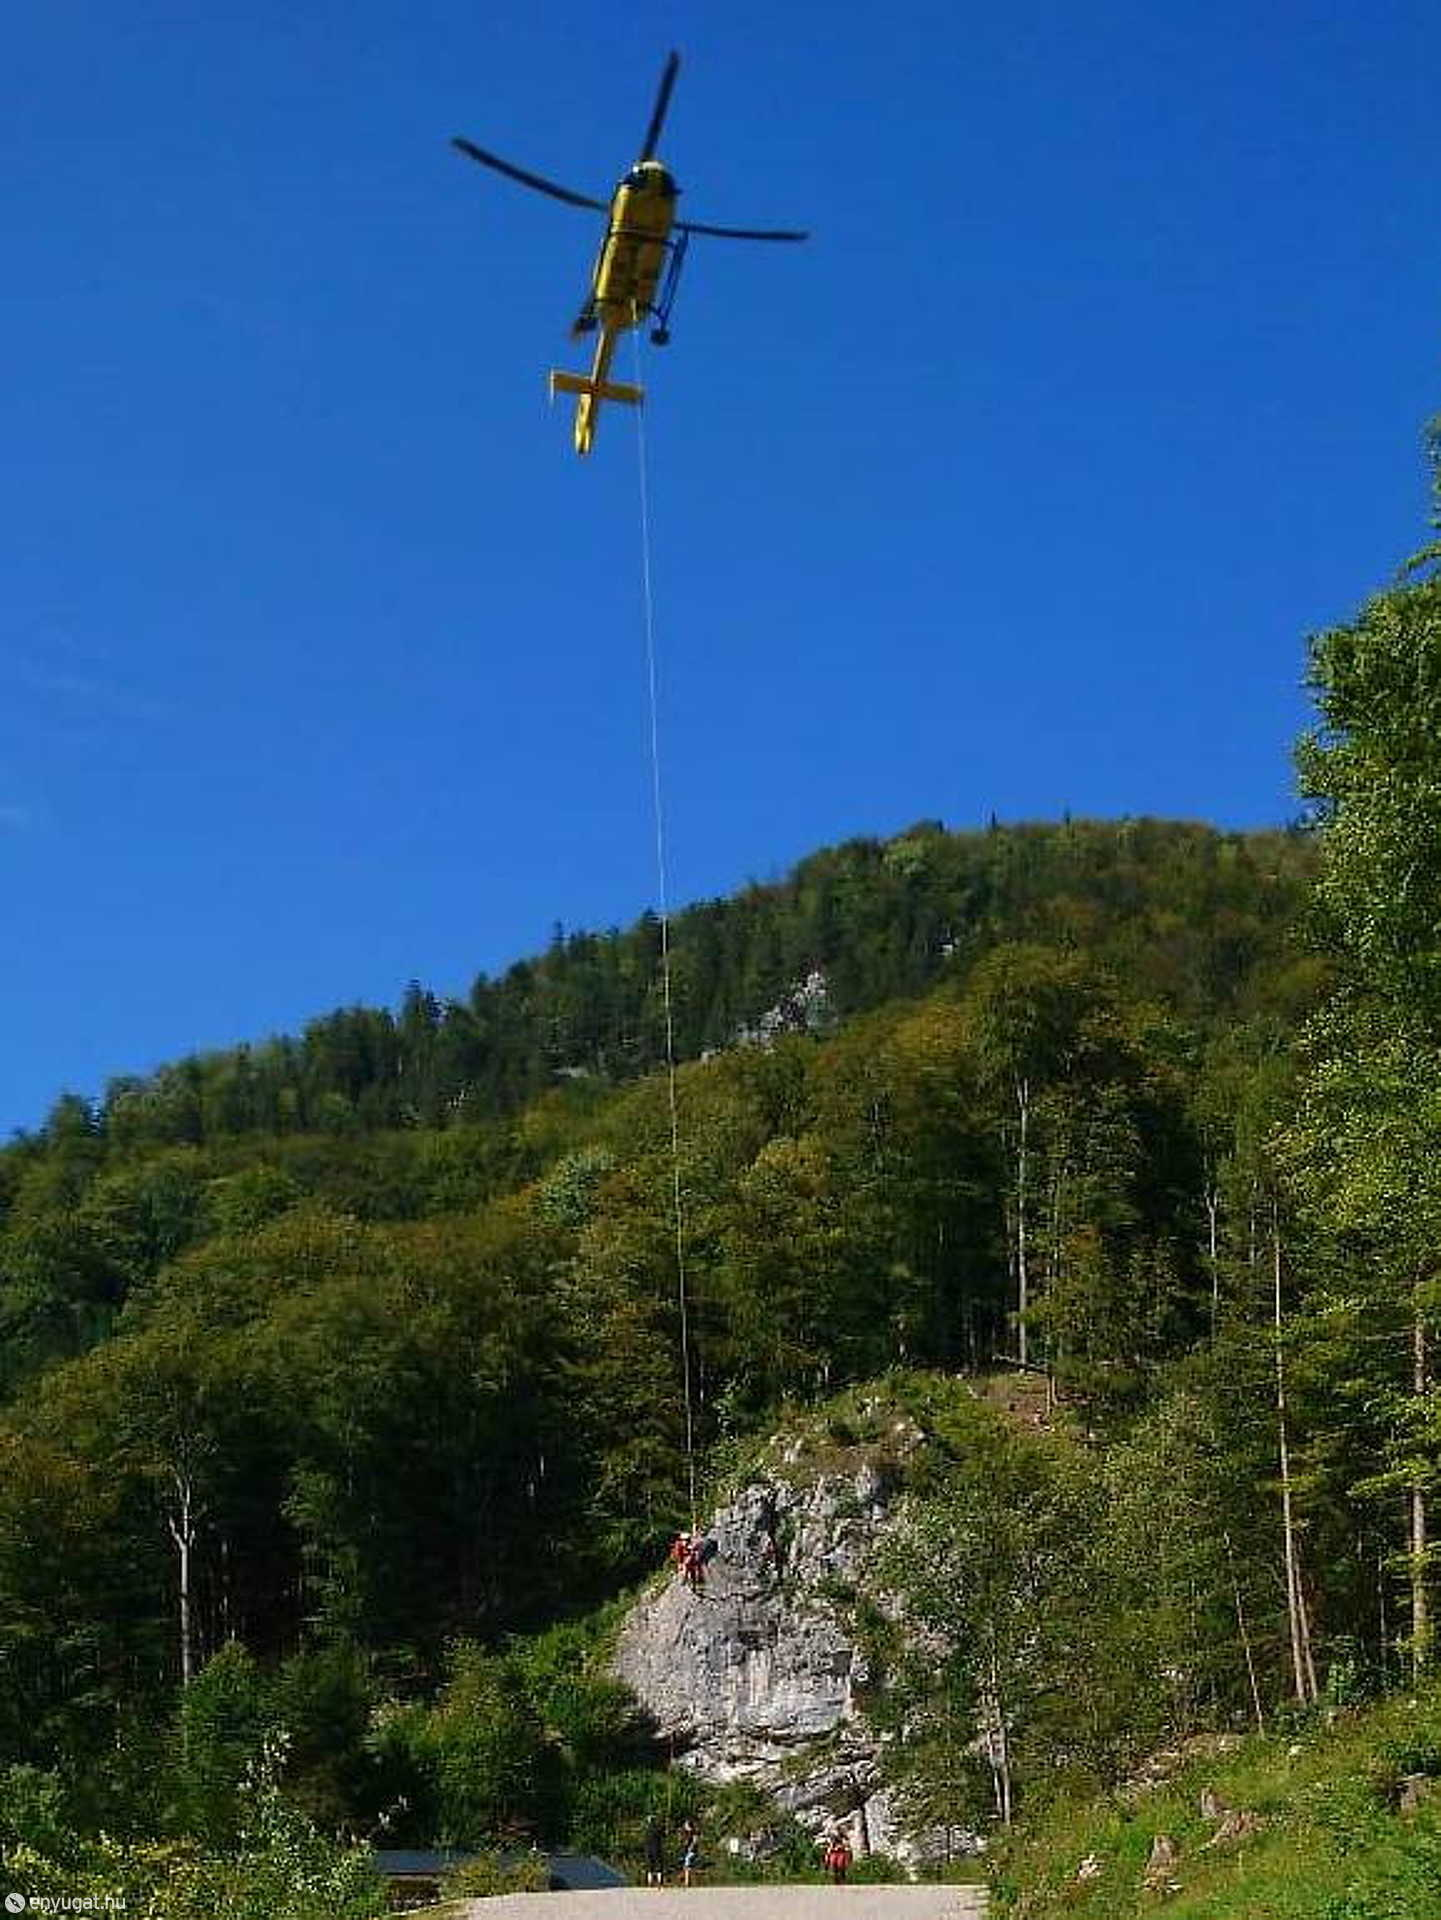 A pórul járt fiatal nőt kötelekkel szabadította ki a mentőhelikopter.